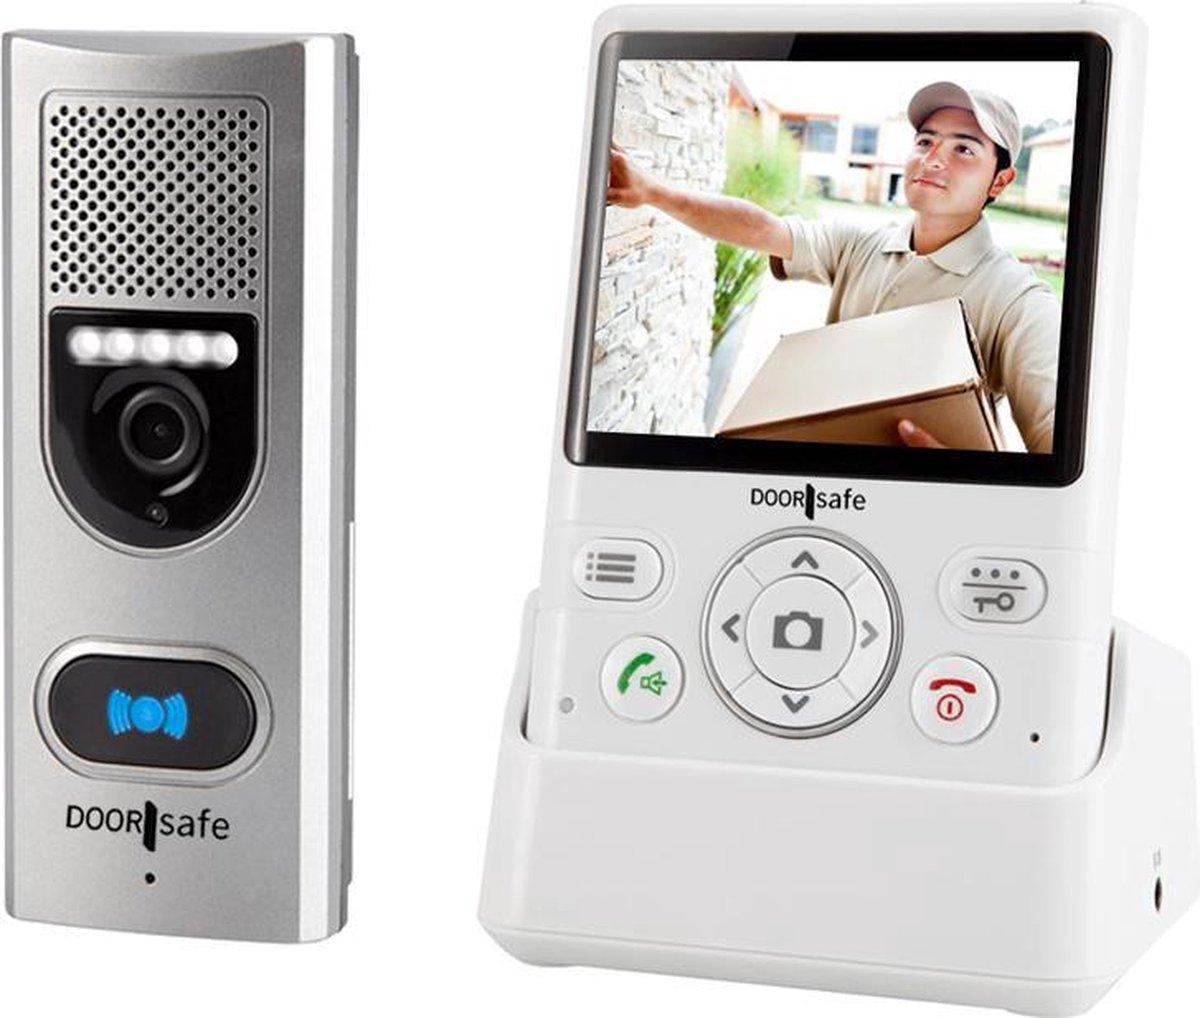 Draadloze Camera Deurbel - 3.5'' kleurenscherm - Doorsafe 4110 - Doorsafe